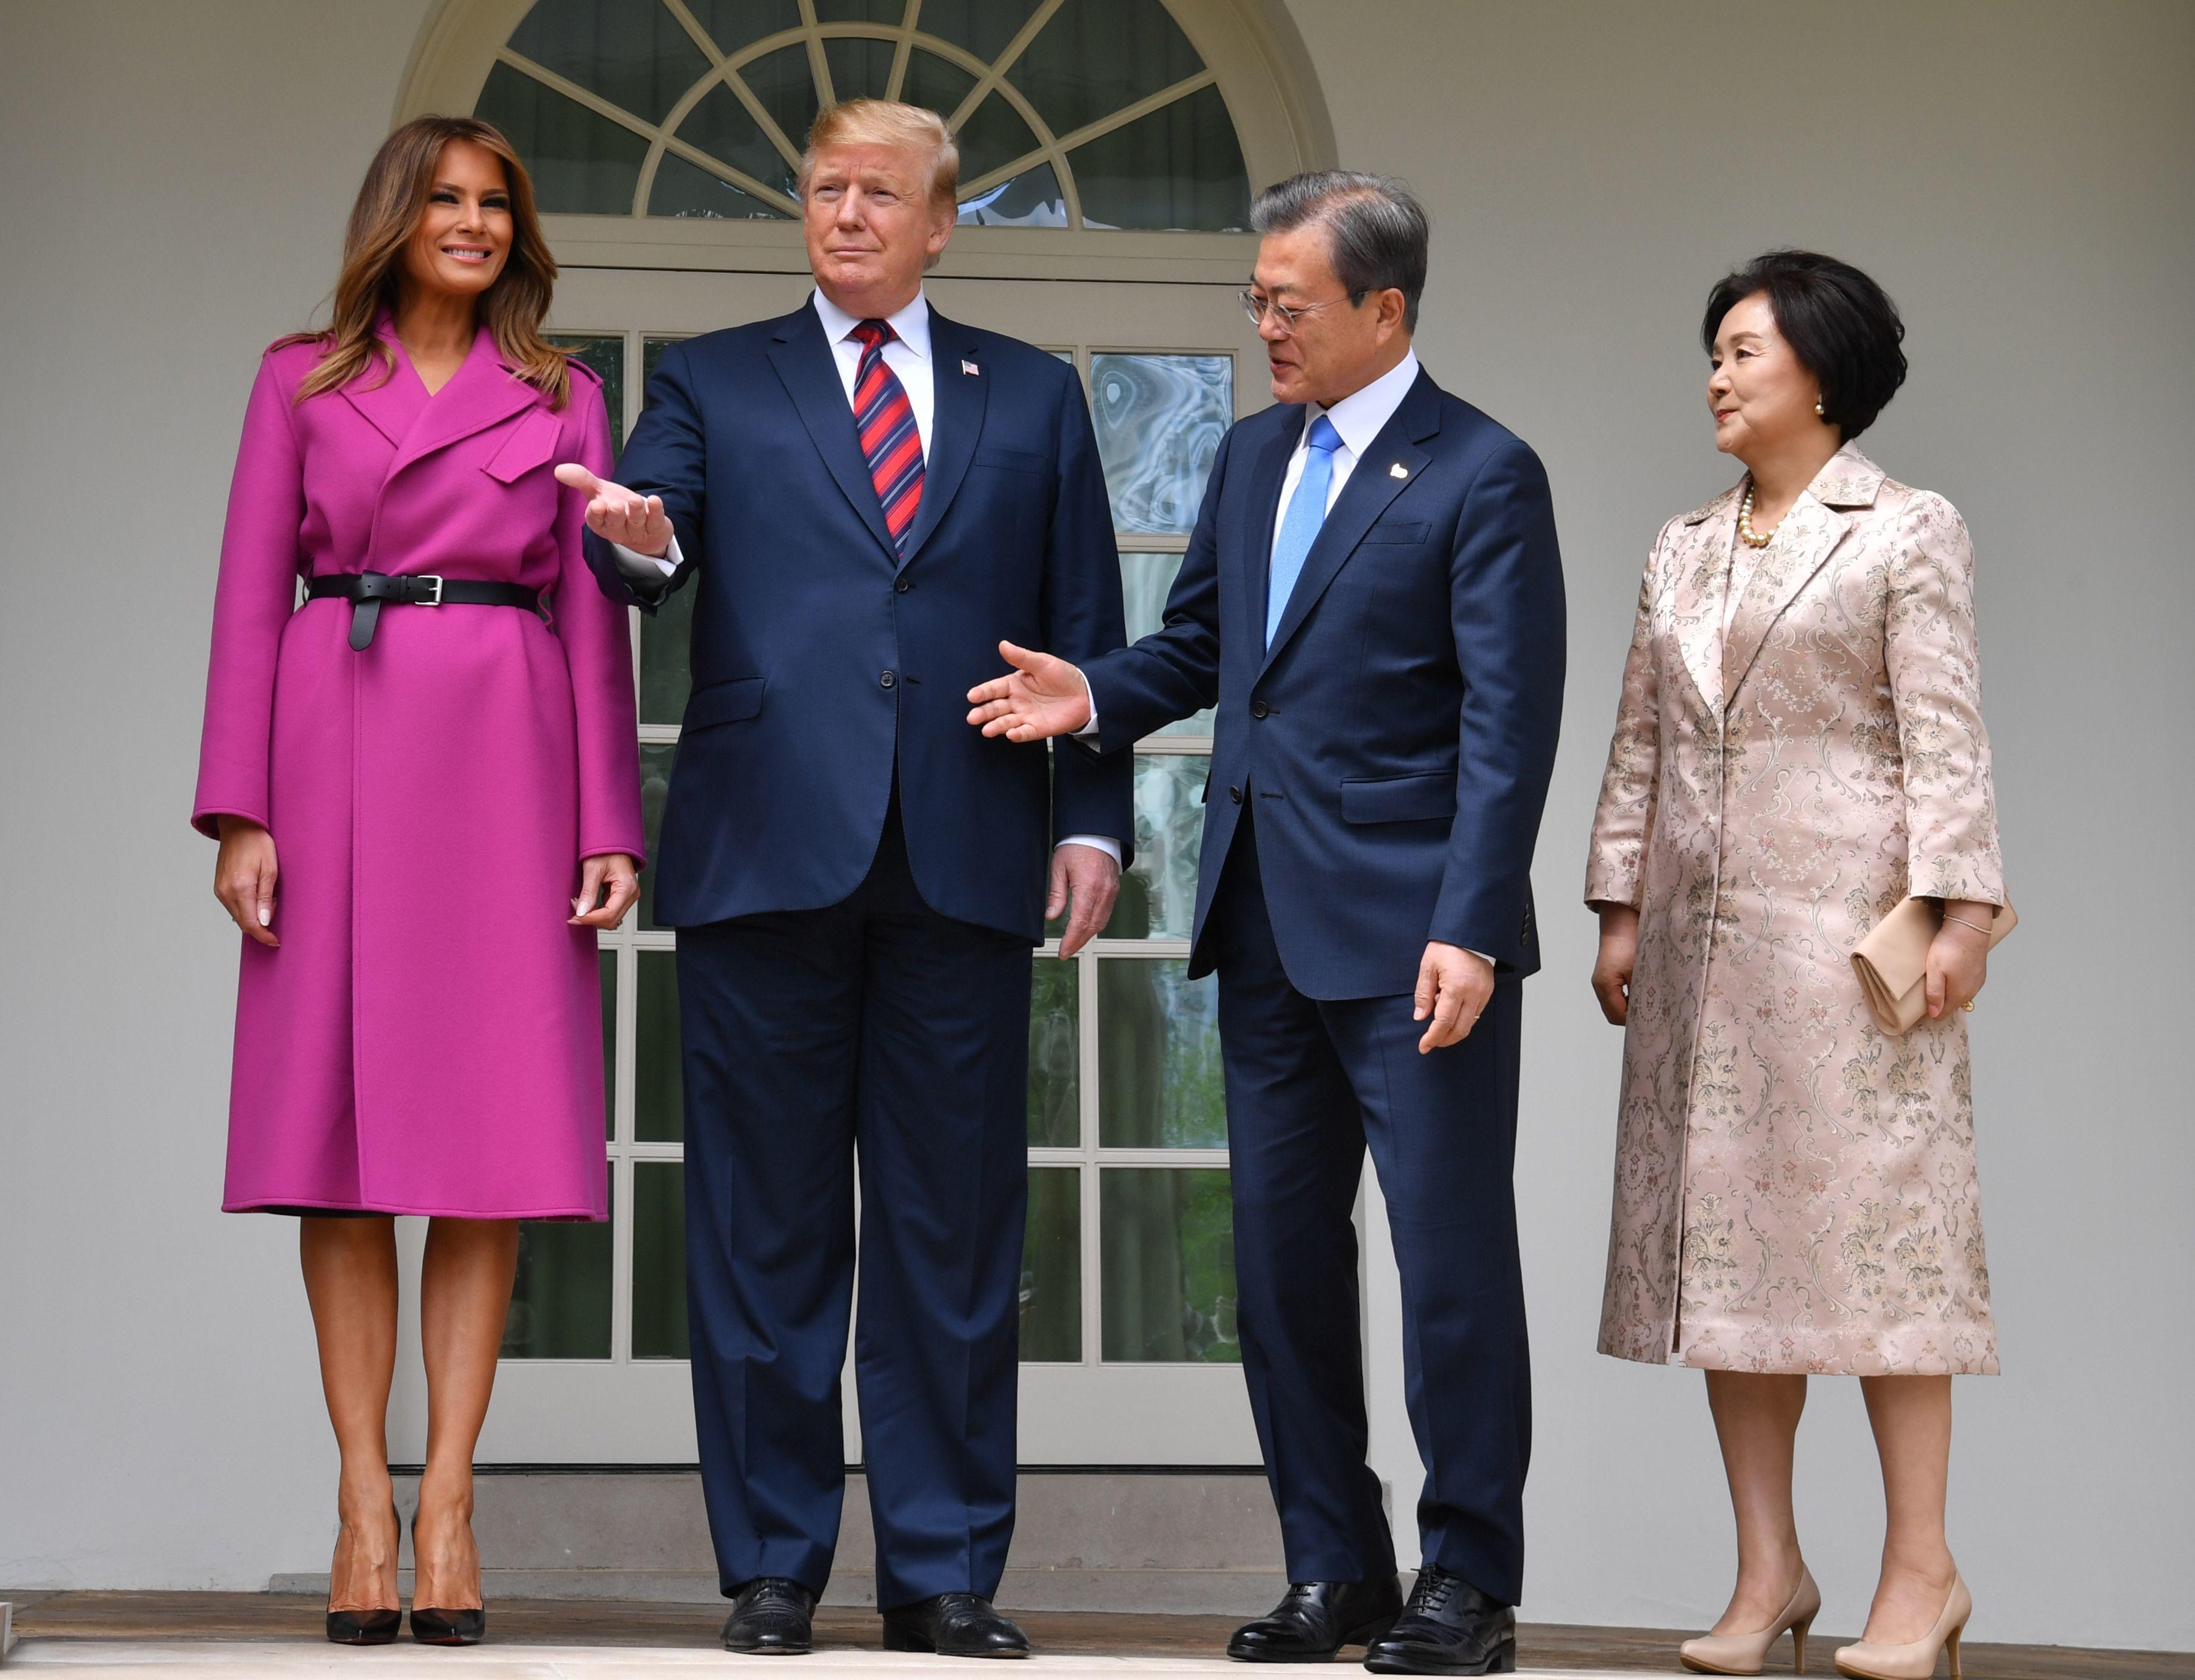 Мелания Трамп в деловом образе – двубортном пальто лилового цвета